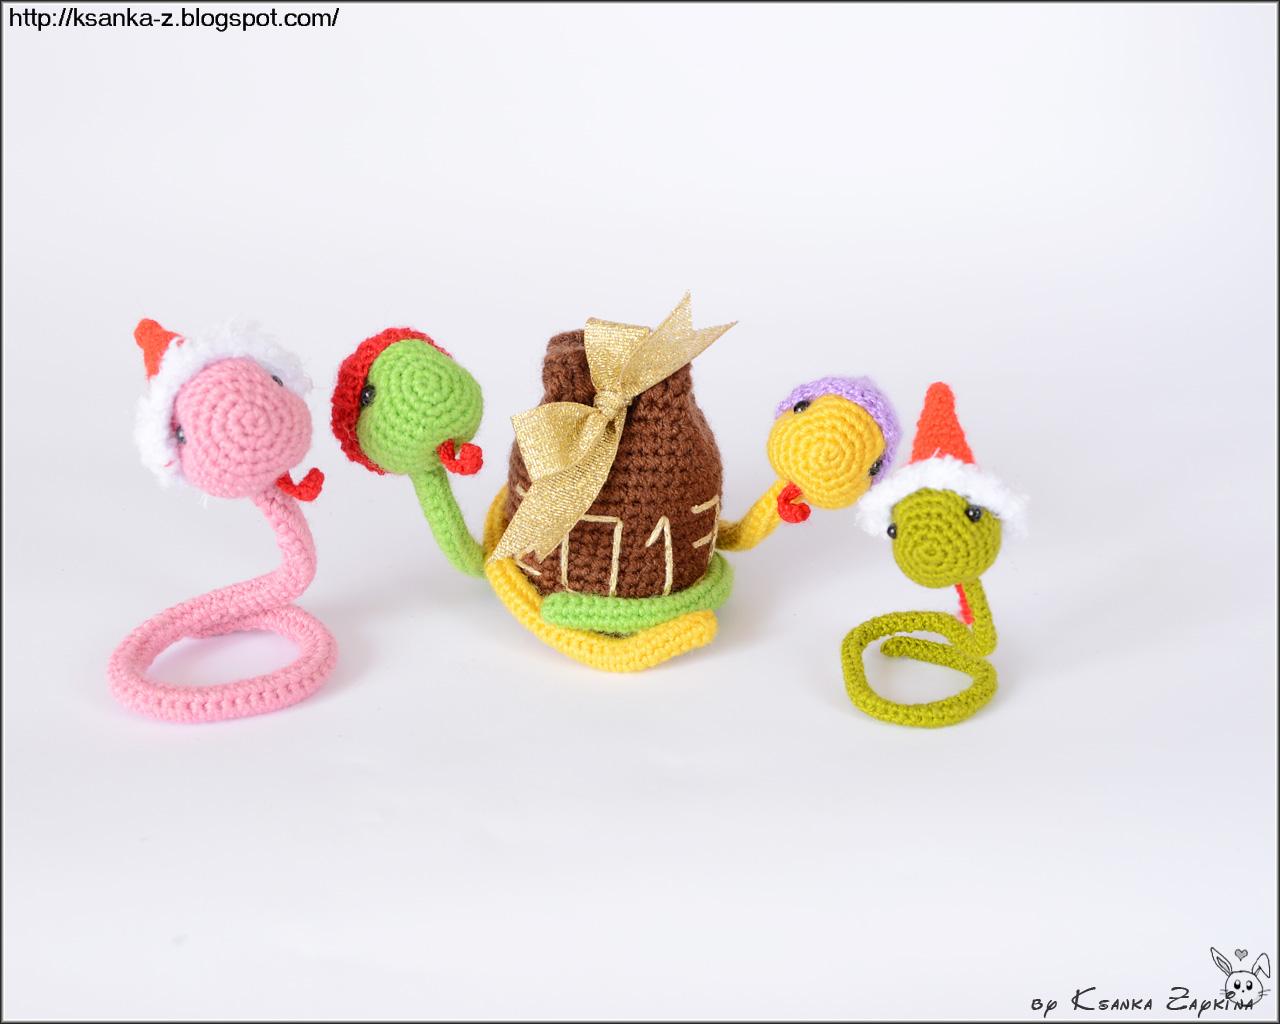 вязаные змеи, амигуруми, вязаные игрушки, змеи крючком, игрушки крючком